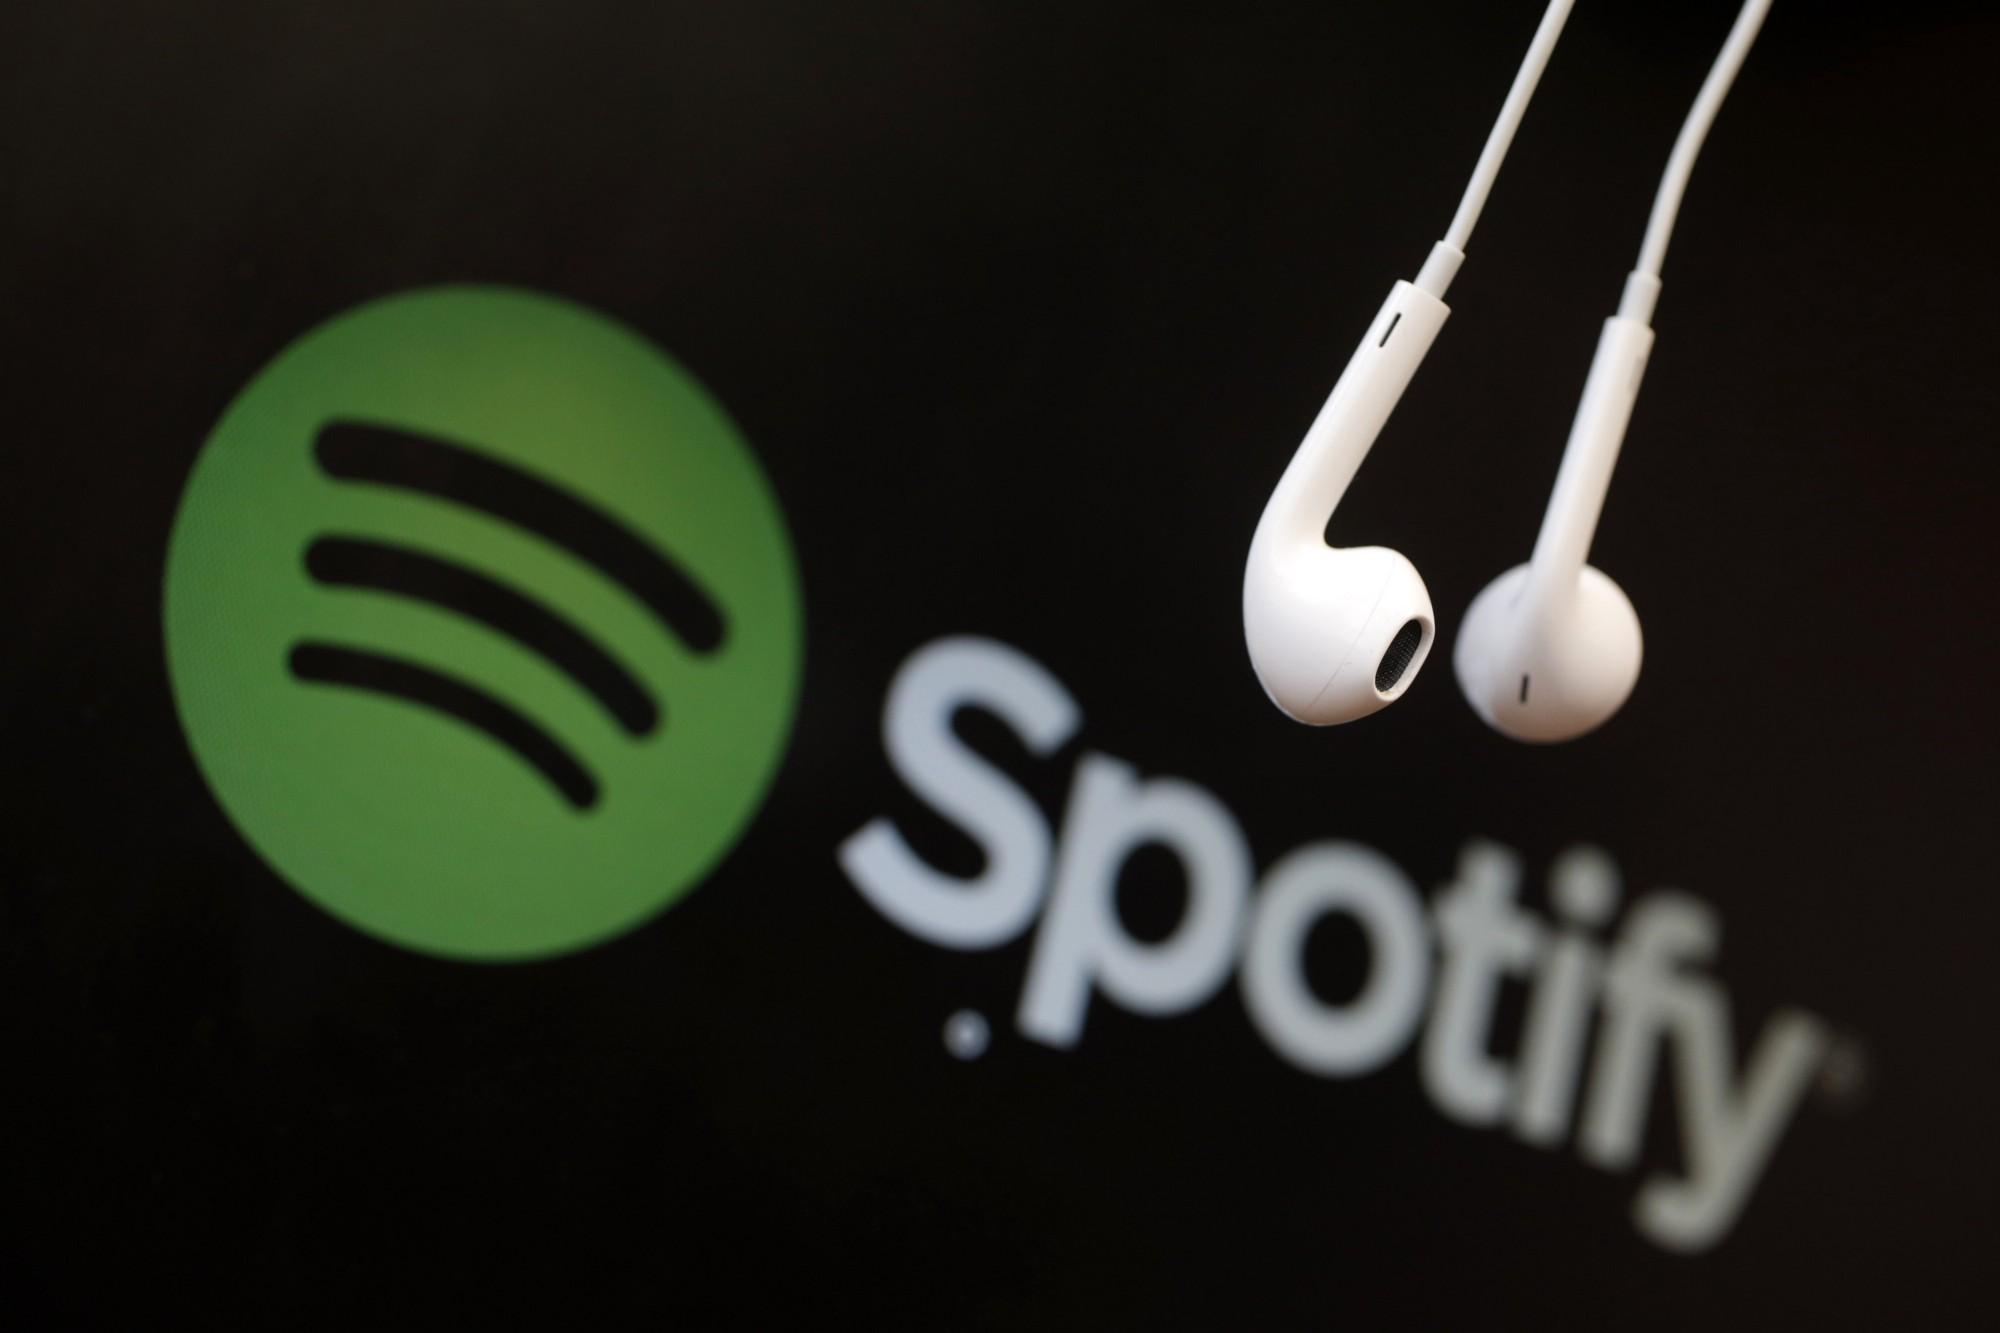 Review Terbaru Tentang Spotify